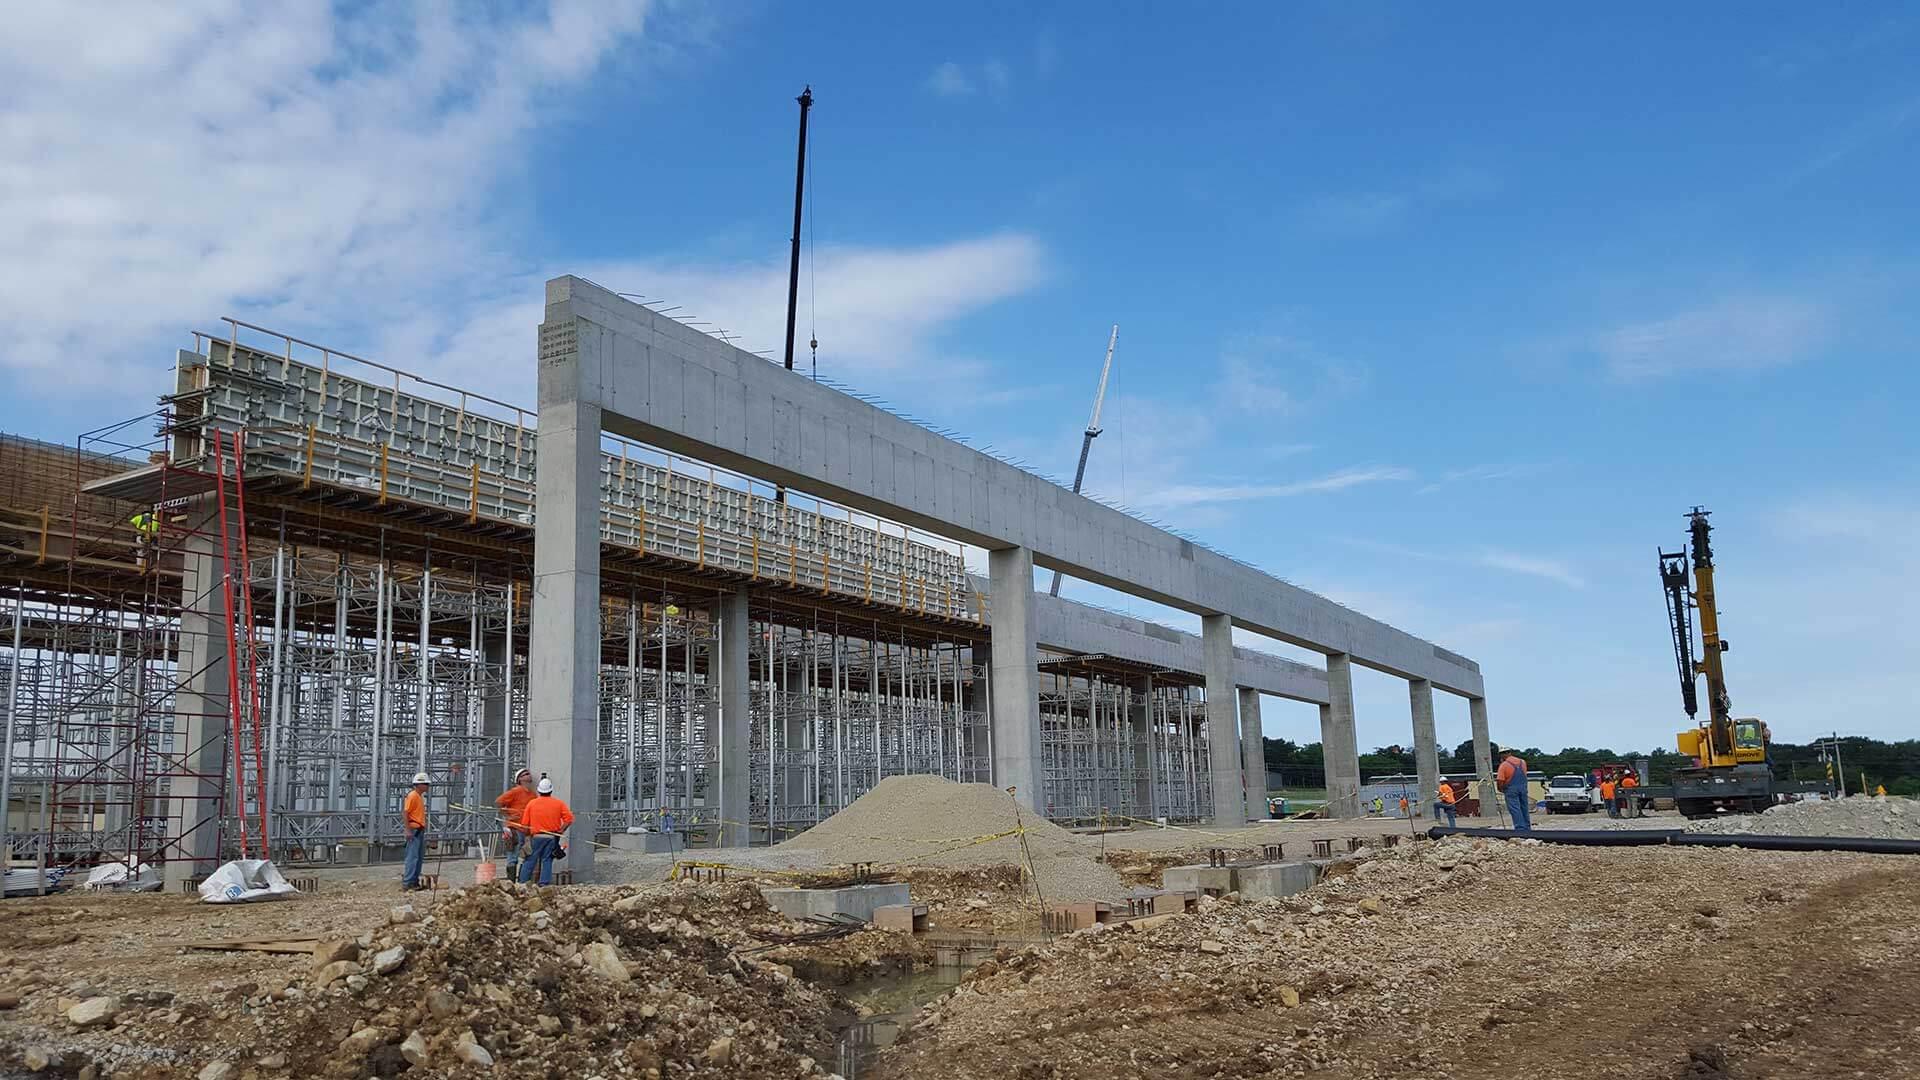 Construtora-Naves-Parede-de-cisalhamento-de-concreto-armado-04